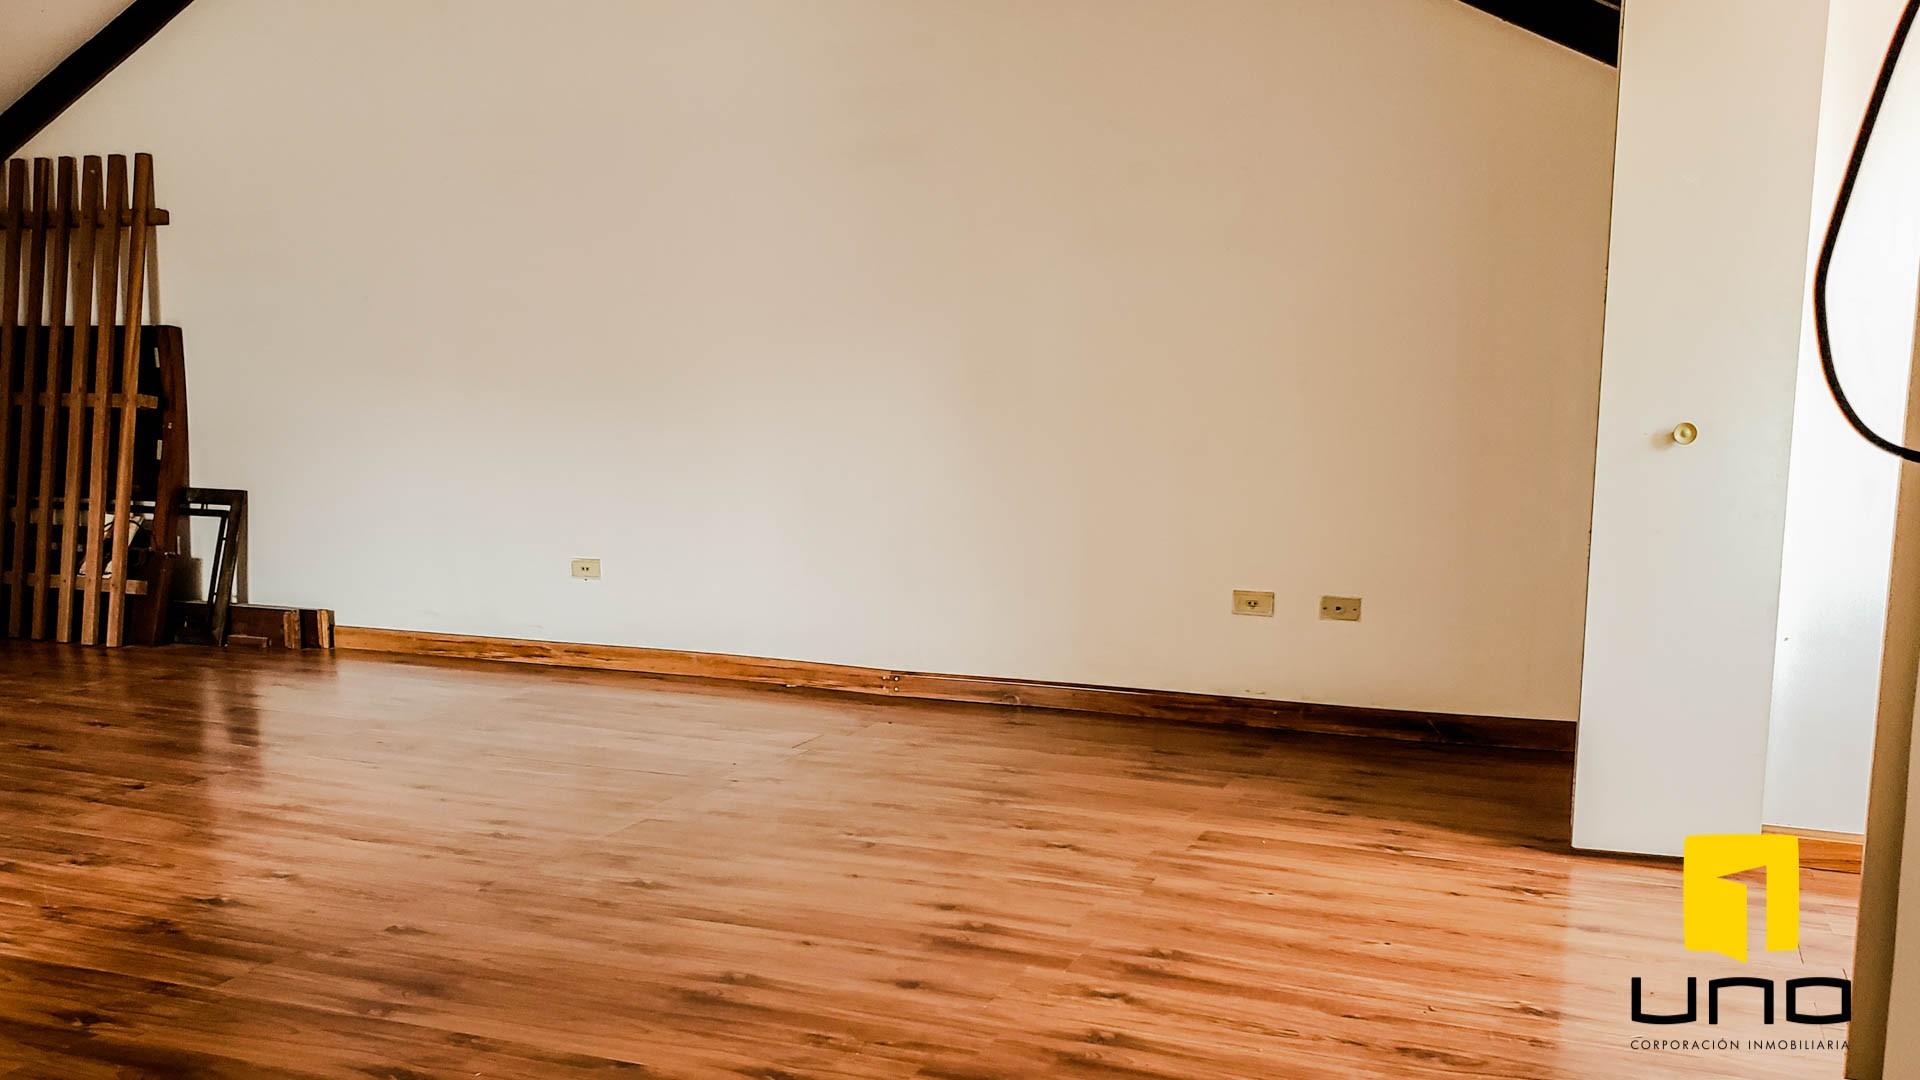 Casa en Venta $us 260.000 VENDO CASA BARRIO LAS PALMAS Foto 5